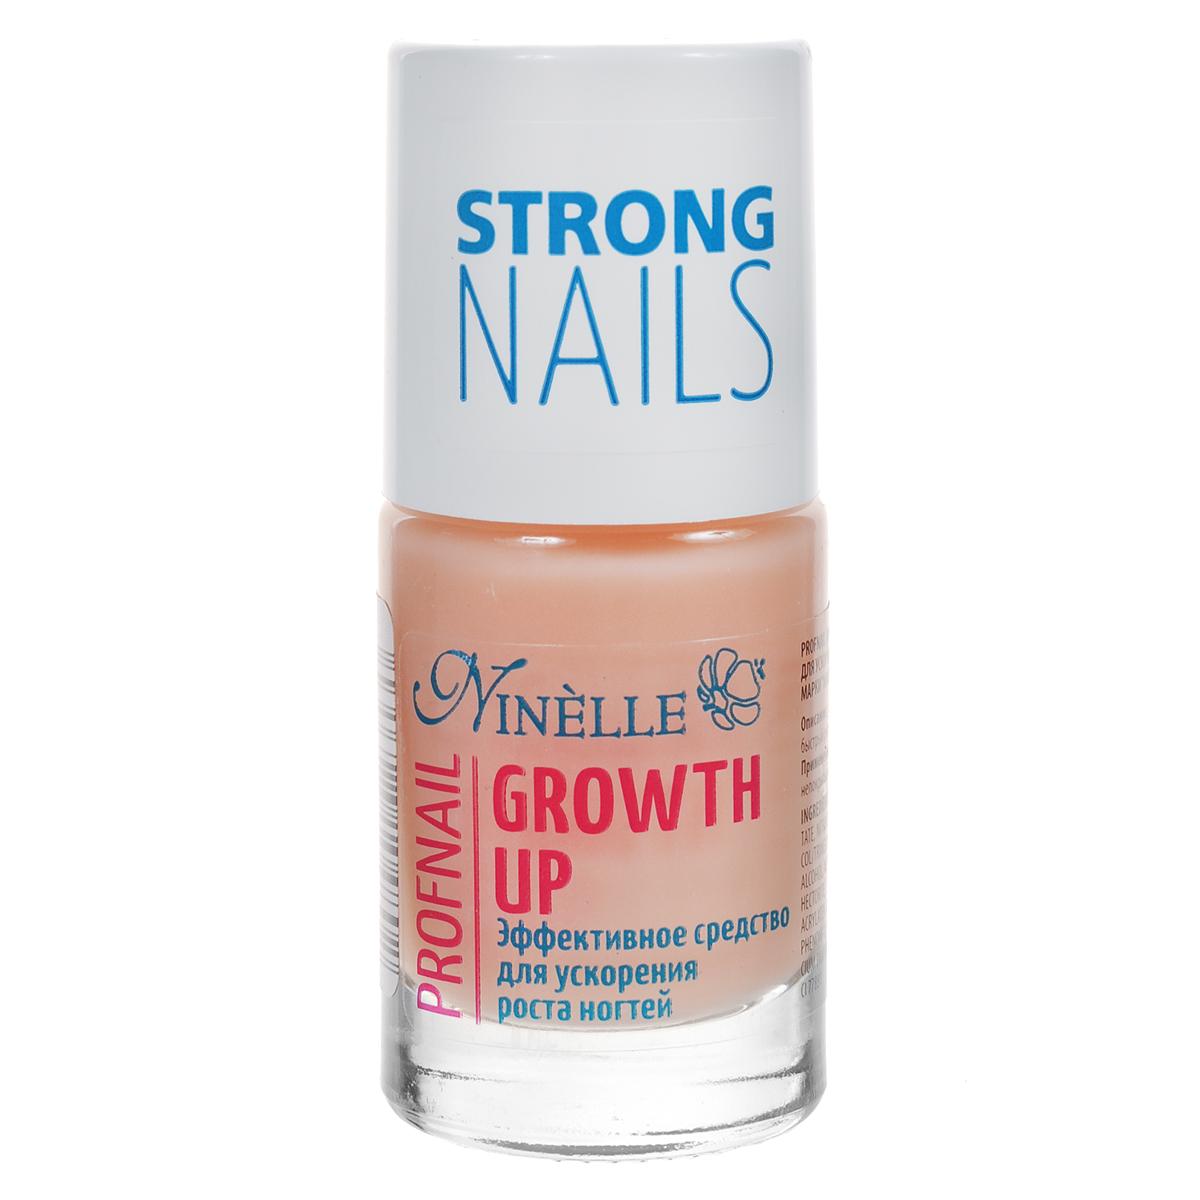 Ninelle Эффективное средство Growth Up для ускорения роста ногтей, 11 мл40170Эффективное средство по уходу за хрупкими и расслаивающимися ногтями, способствующее усиленному росту ногтей. В состав питательного средства входят кальций и экстракт сладкого миндаля. Средство стимулирует рост ногтей и предназначено для ухода за хрупкими и расслаивающимися ногтями. Подходит для ежедневного применения. Данный препарат обеспечивает ногтям максимально быстрый рост в течение 2-х недель.Товар сертифицирован.